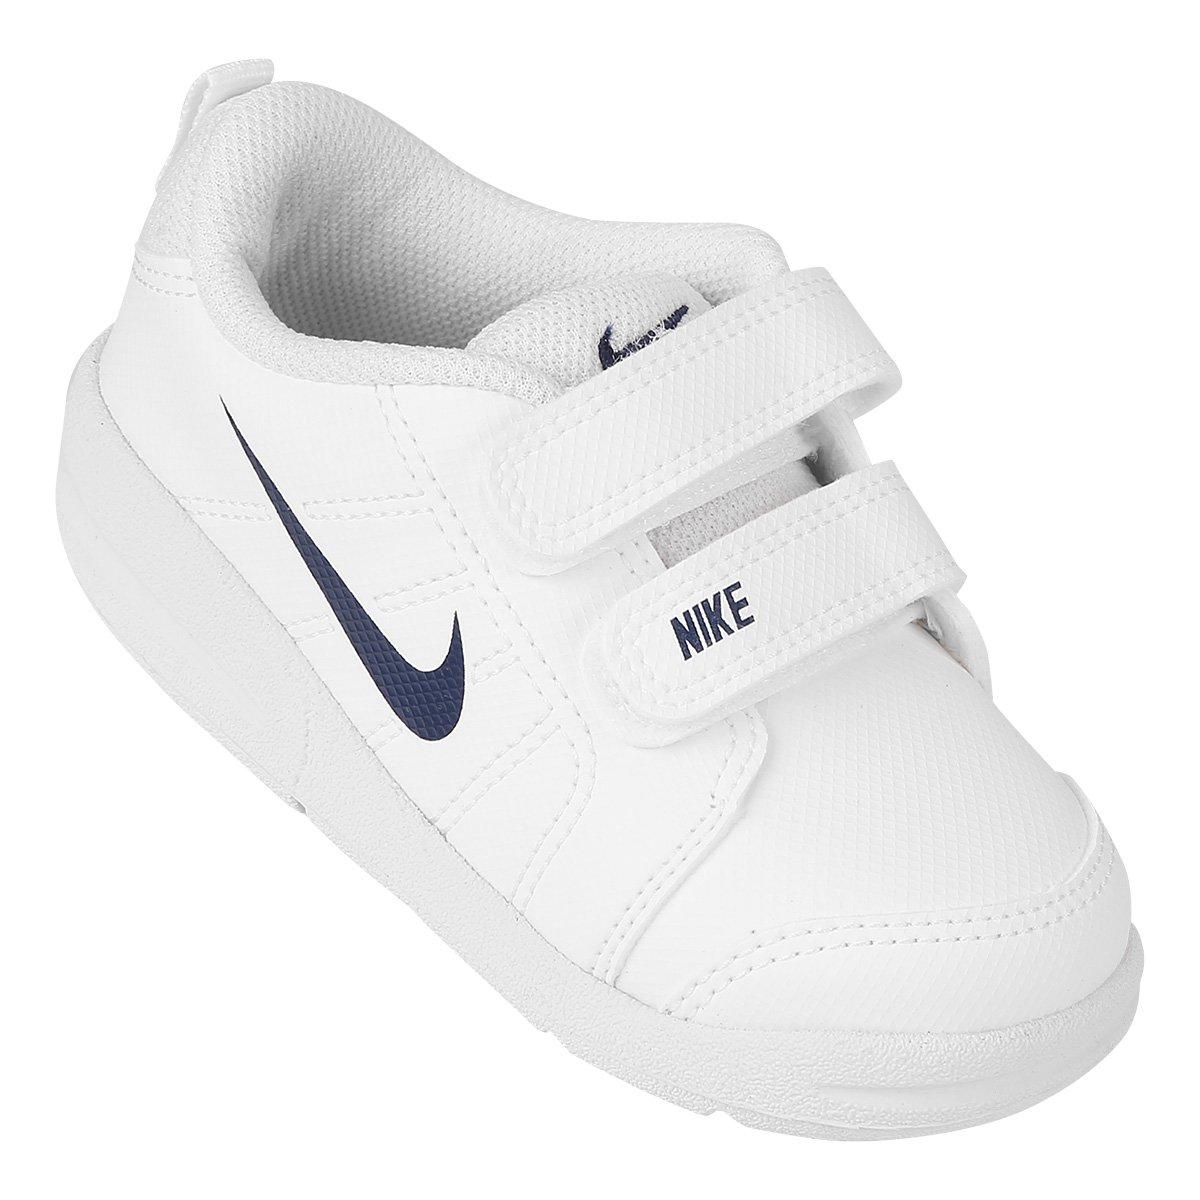 310422948df Tênis Infantil Nike Pico Lt Masculino - Branco e Azul Claro - Compre Agora